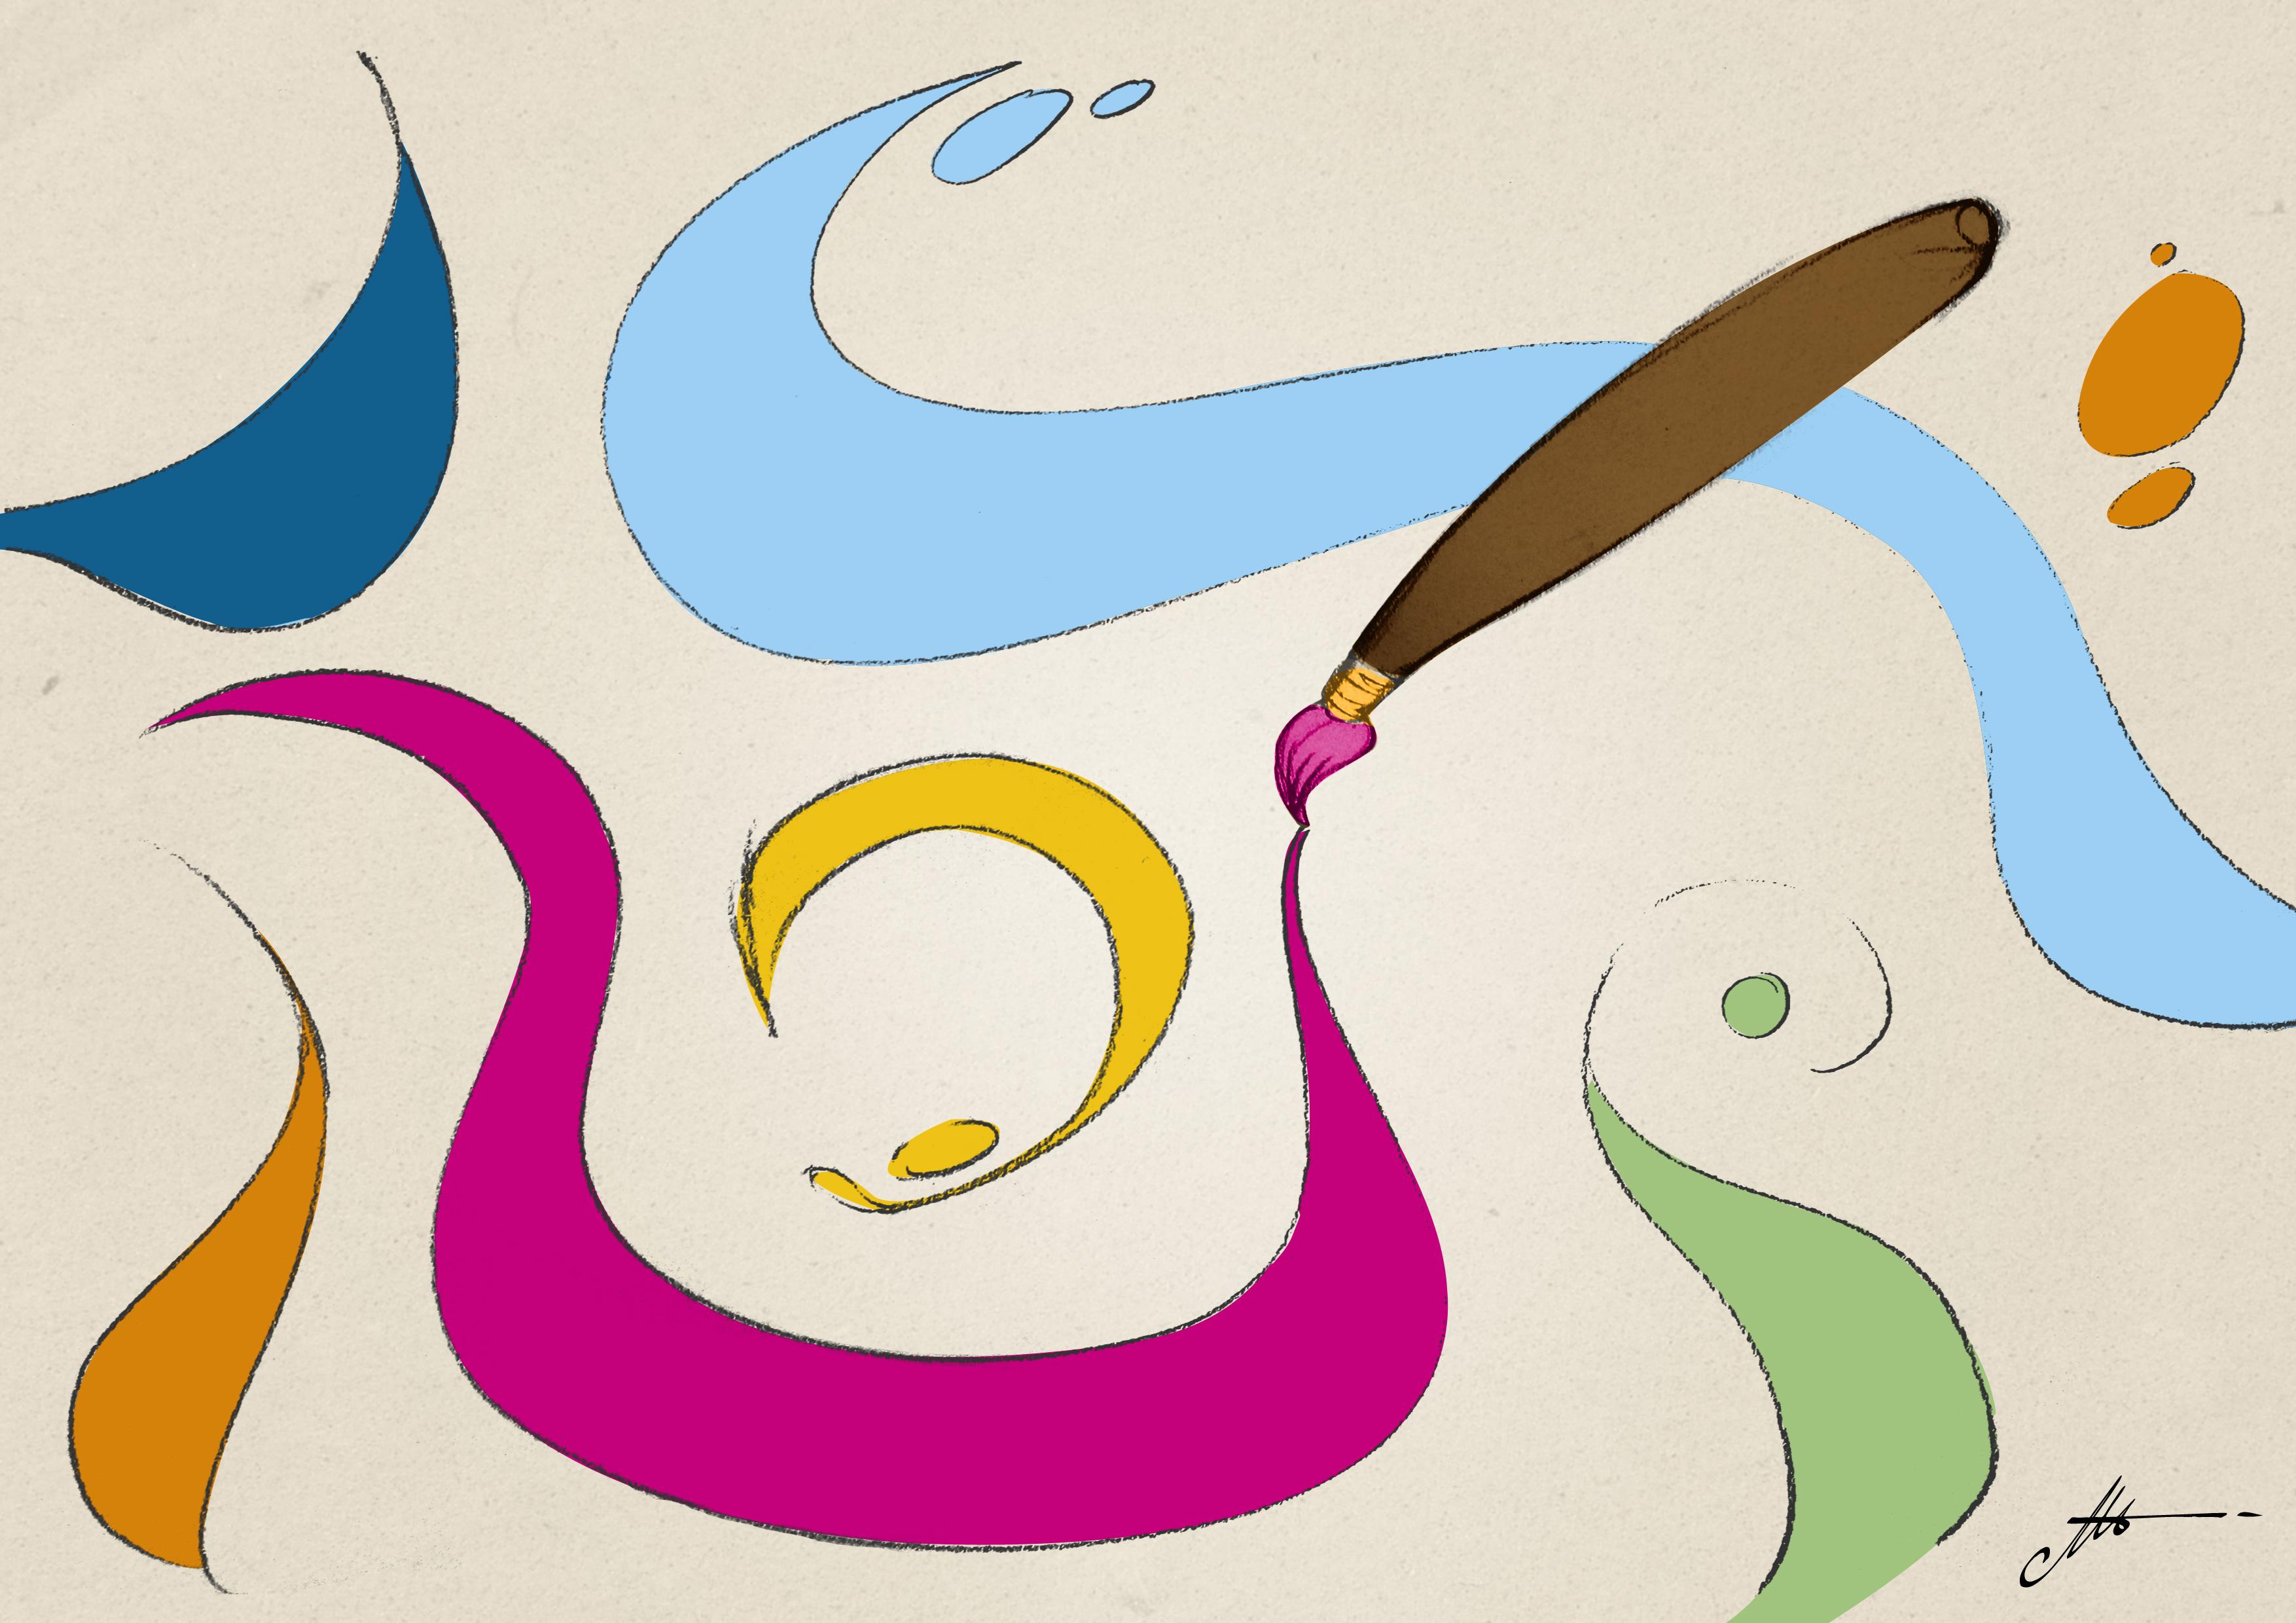 28 encres de sérigraphie peuvent-elles être utilisées pour peindre à la main sur du tissu ?